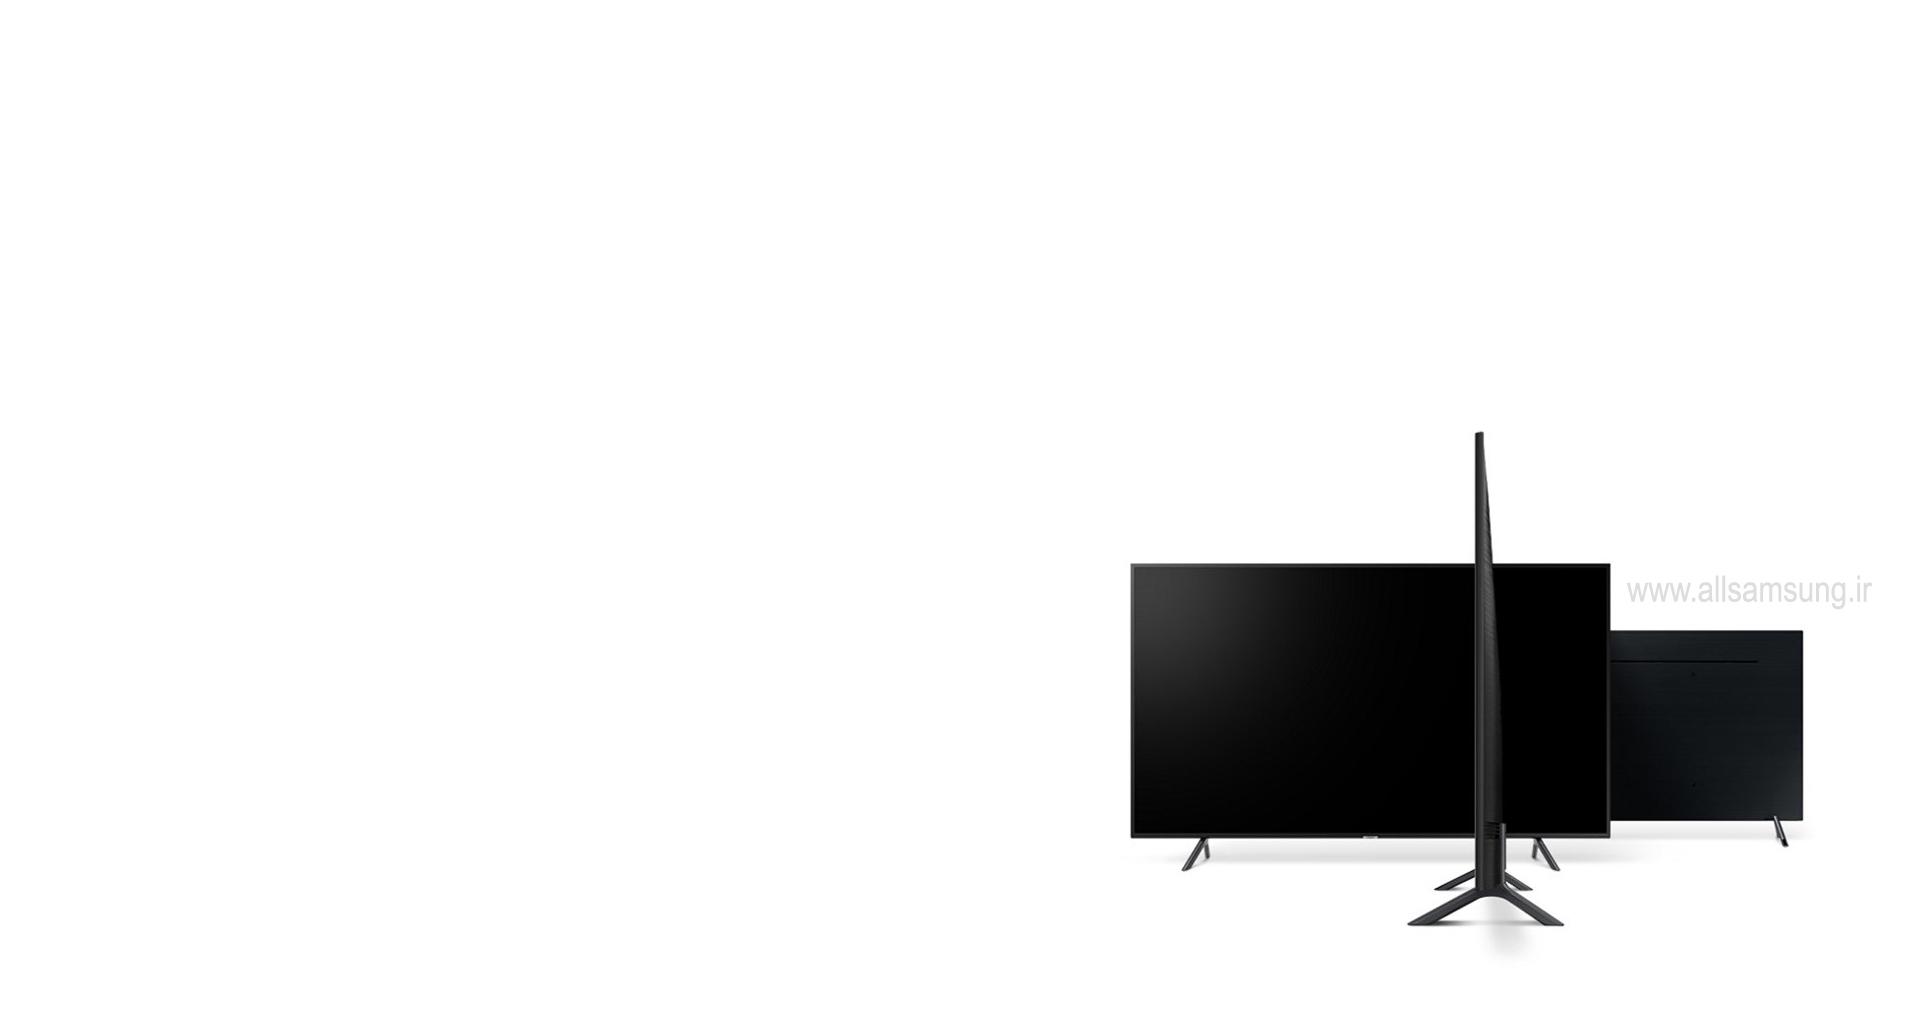 تلویزیون NU7100 با طراحی باریک و ظریف